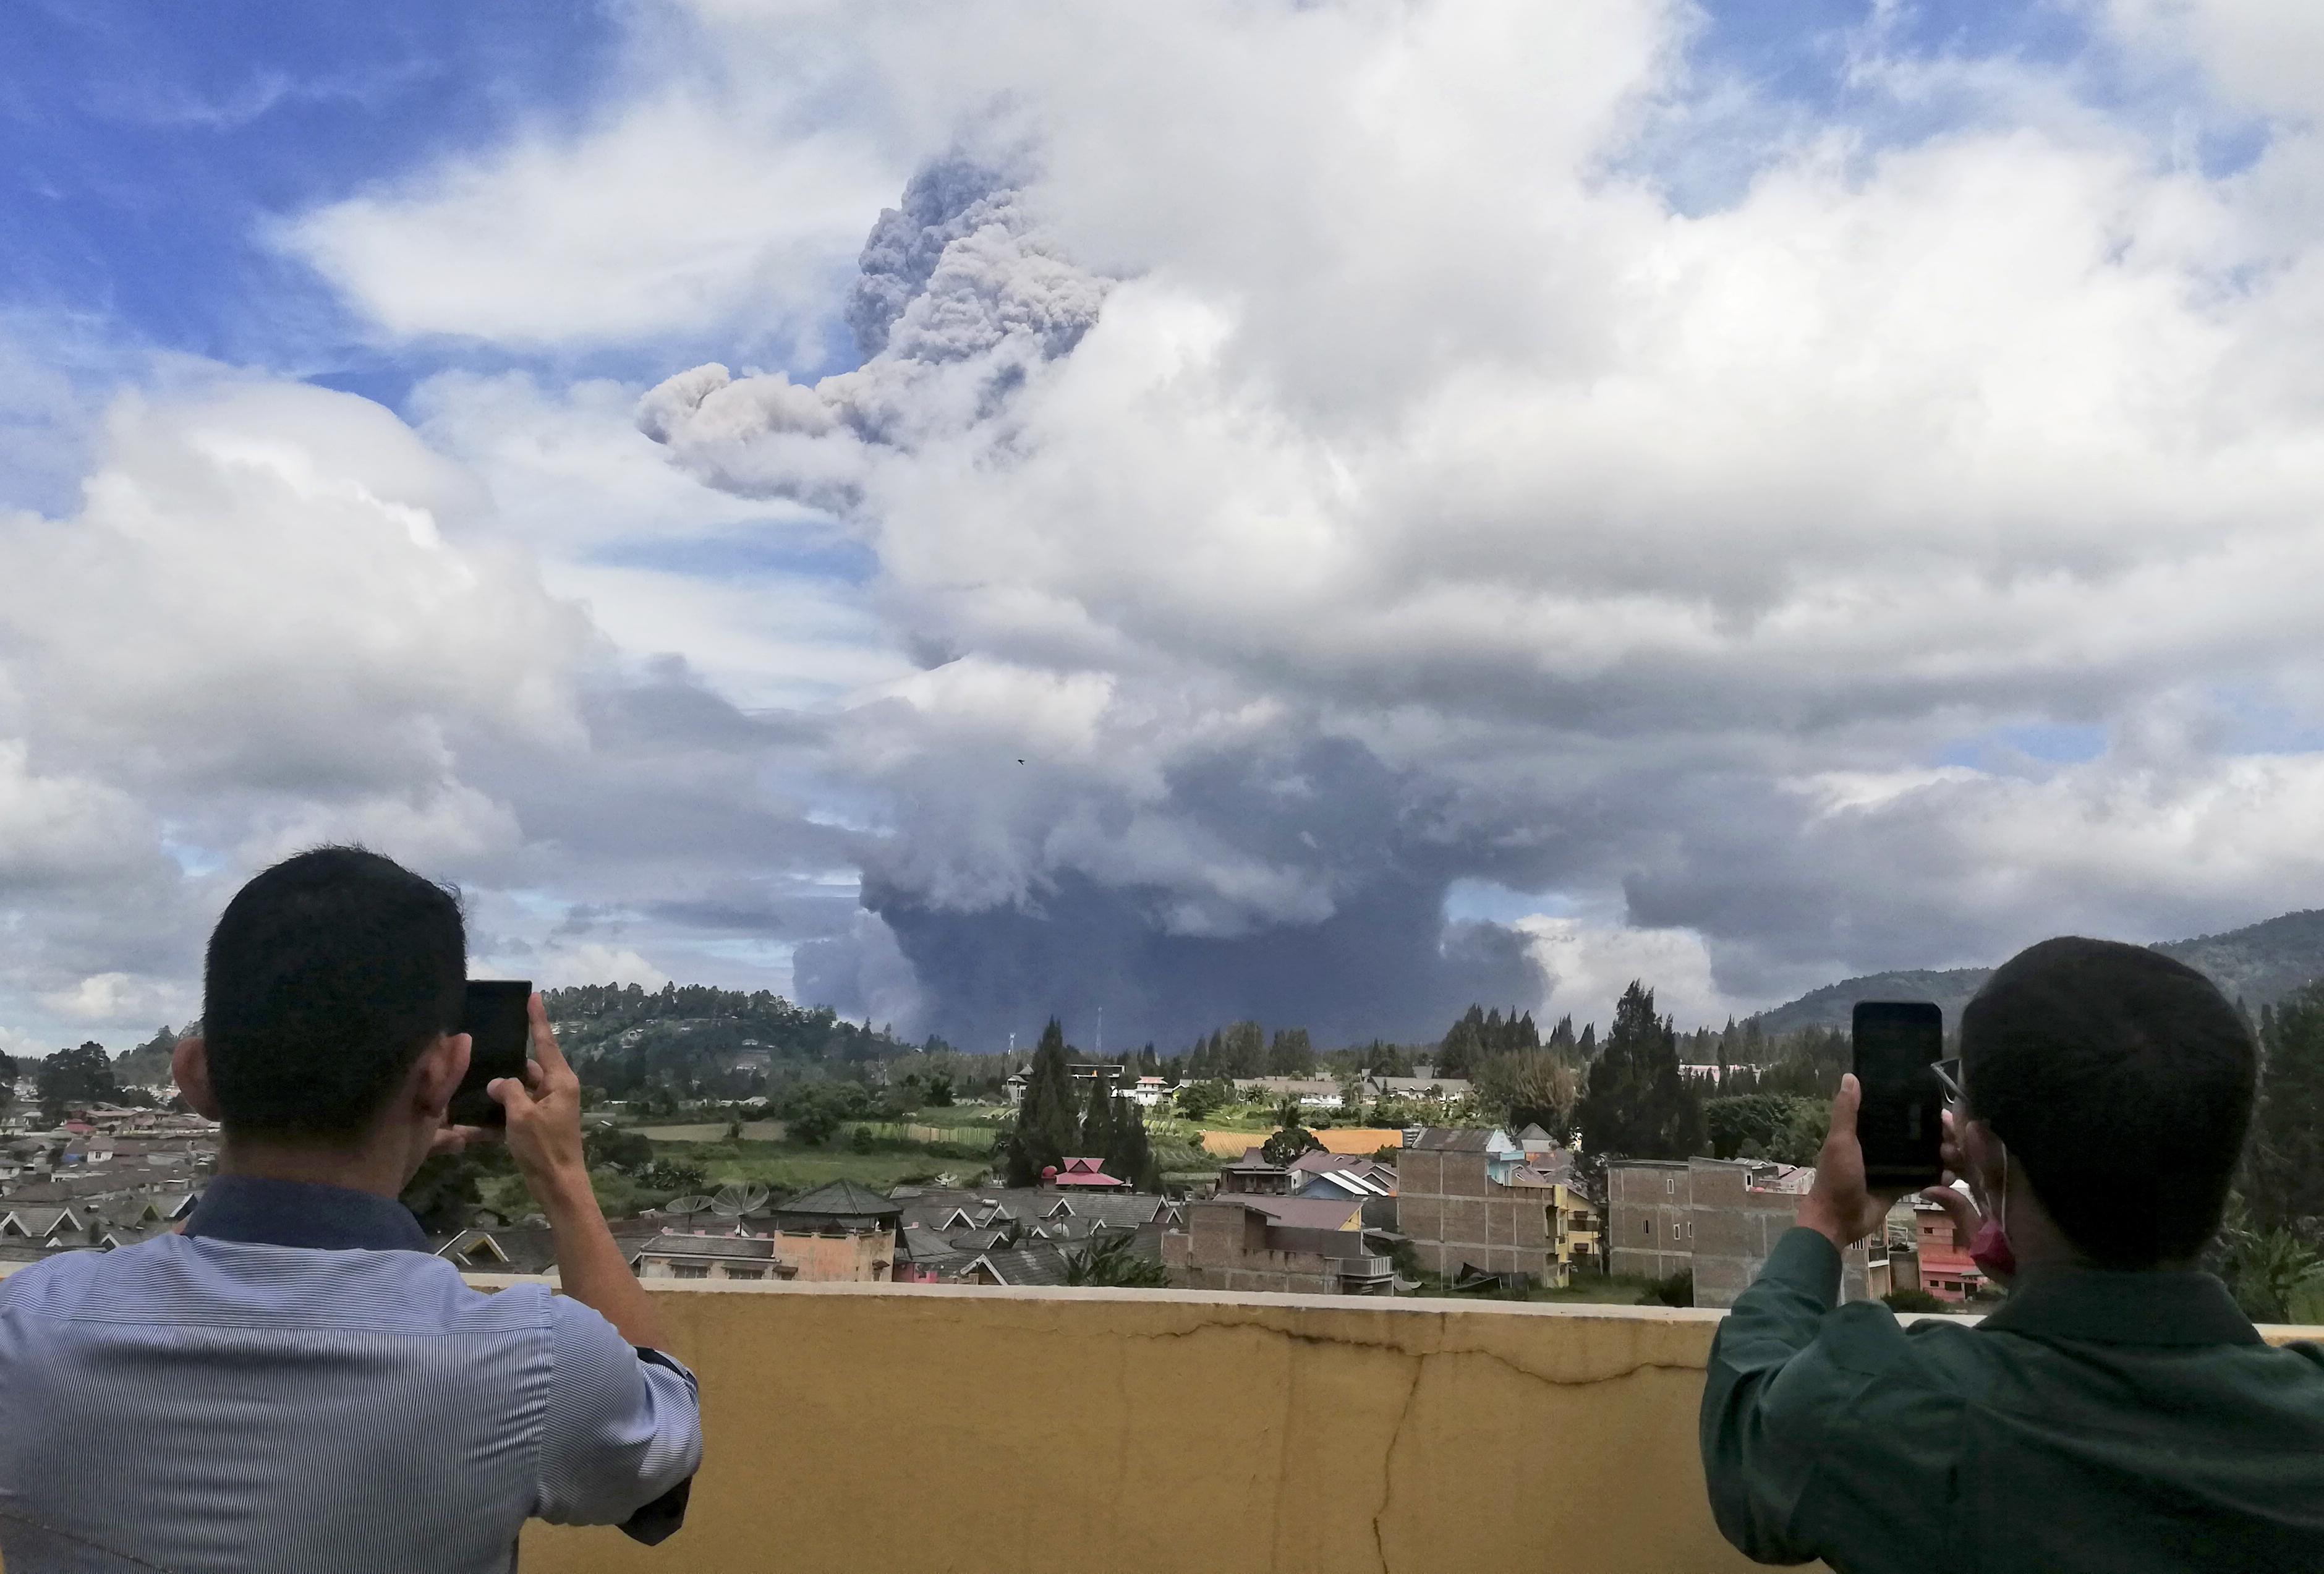 Dos personas toman fotos al volcán Sinabung mientras hace erupción en Karo, Indonesia, el lunes 10 de agosto de 2020. (AP Foto/Sugeng Nuryono)